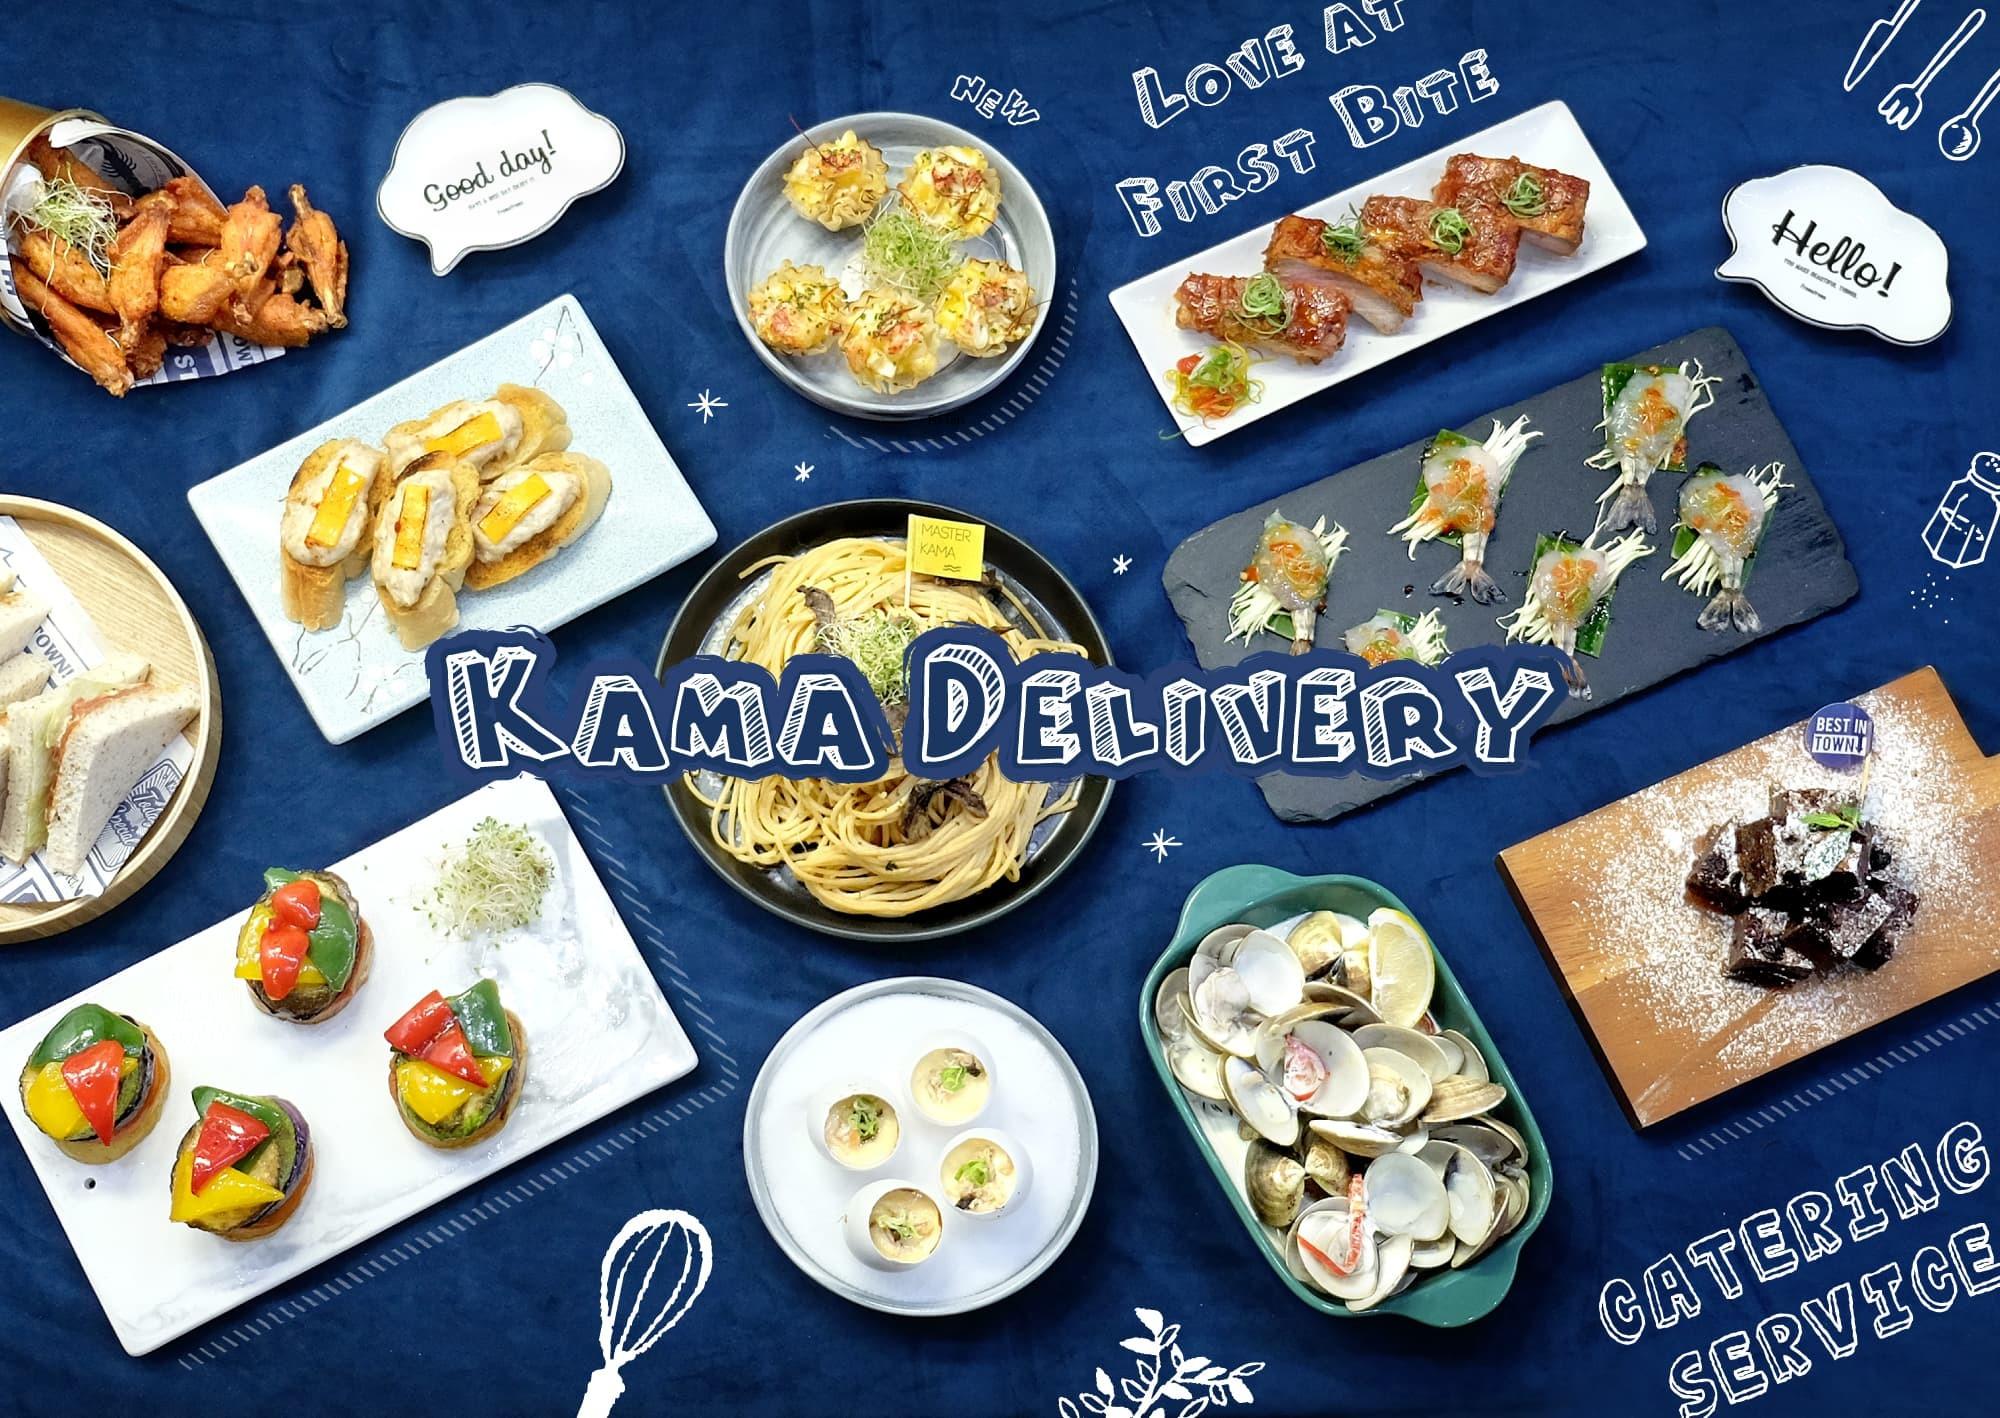 瀝源到會外賣推介|Kama Delivery為瀝源居民提供抵食平價到會服務,為你的派對及聚會炮製多款美食!